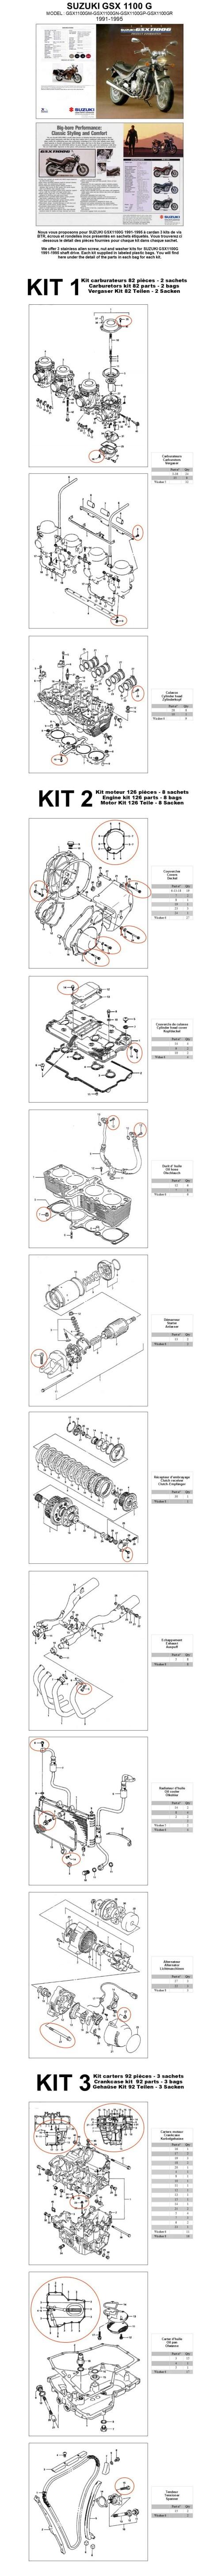 small resolution of suzuki ds80 wiring diagram suzuki on suzuki rf900r wiring diagram